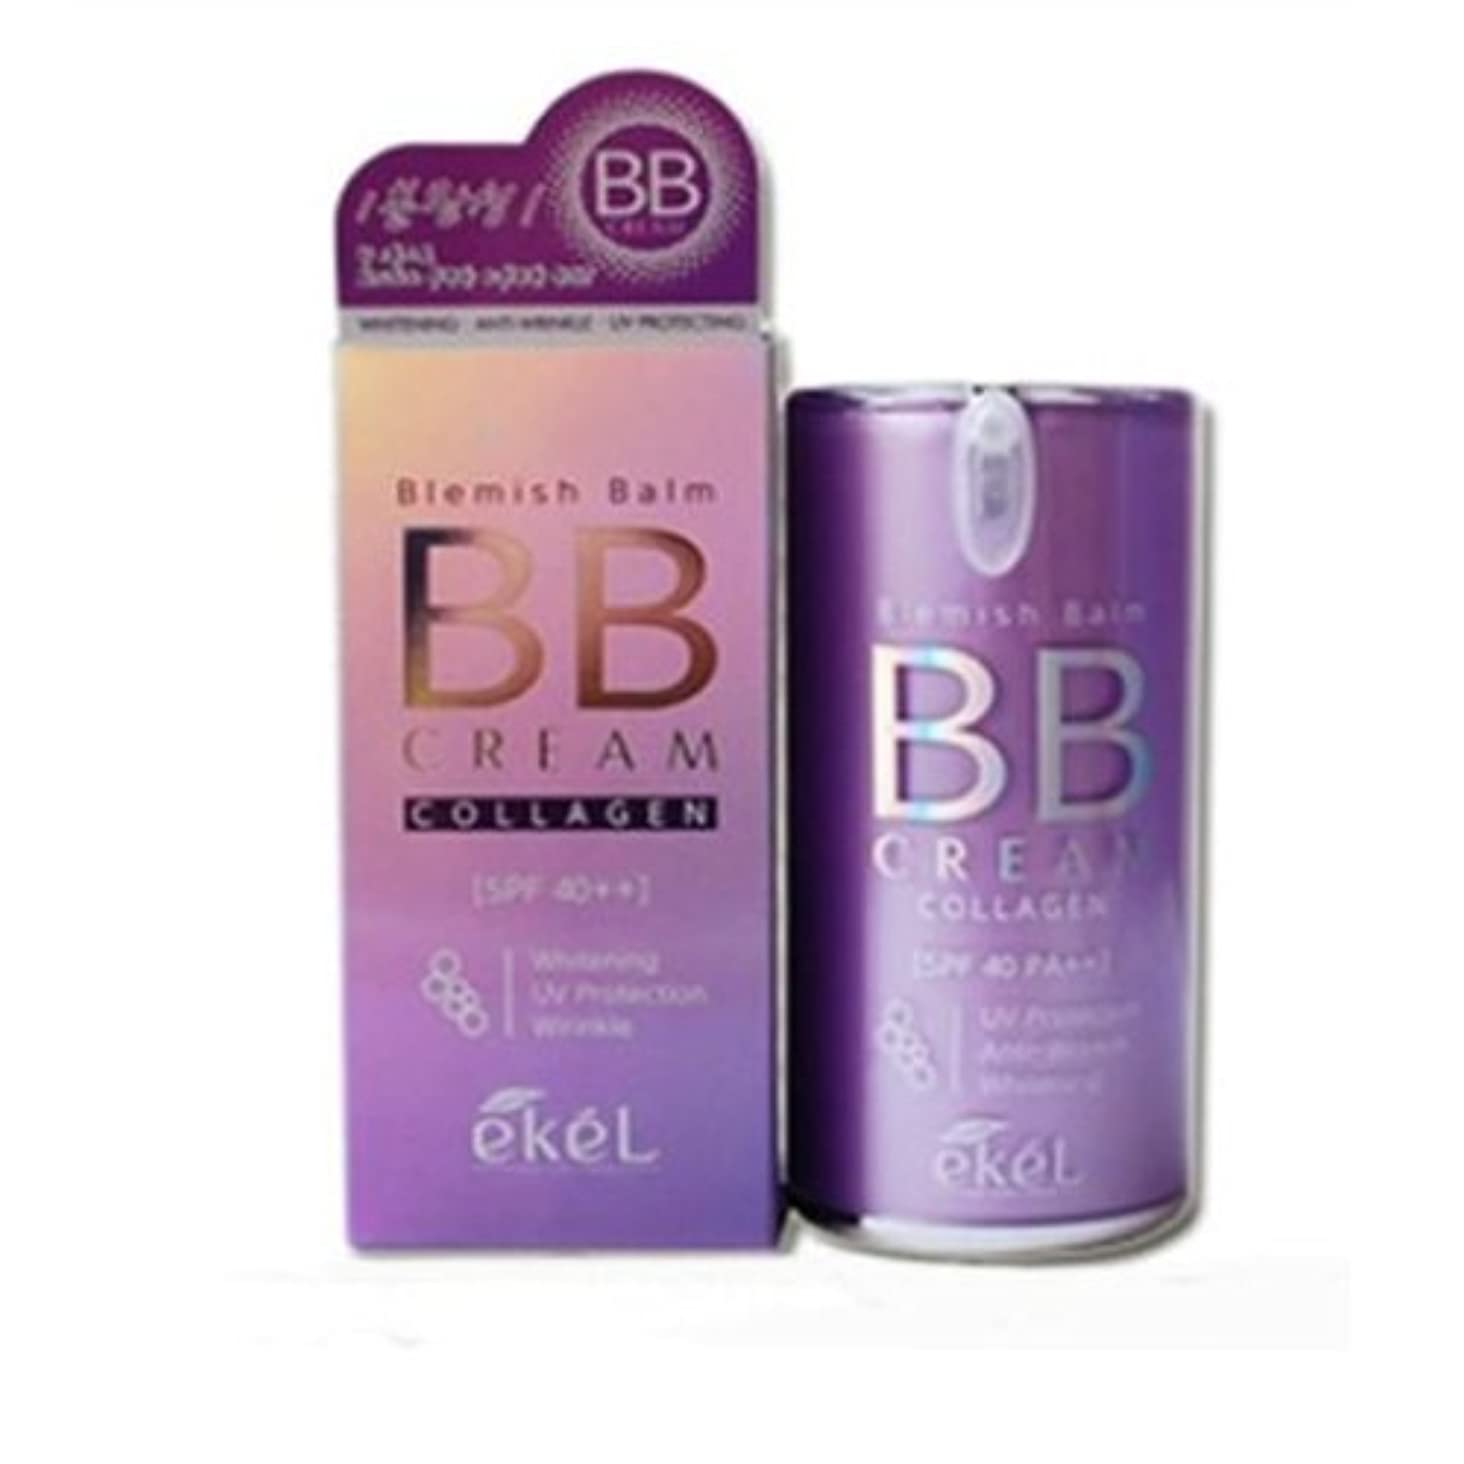 ようこそいろいろ脅かすイケル[韓国コスメEkel]Collagen Blemish Balm BB Cream コラーゲンブレムスバームBBクリーム50g SPF40 PA++[並行輸入品]